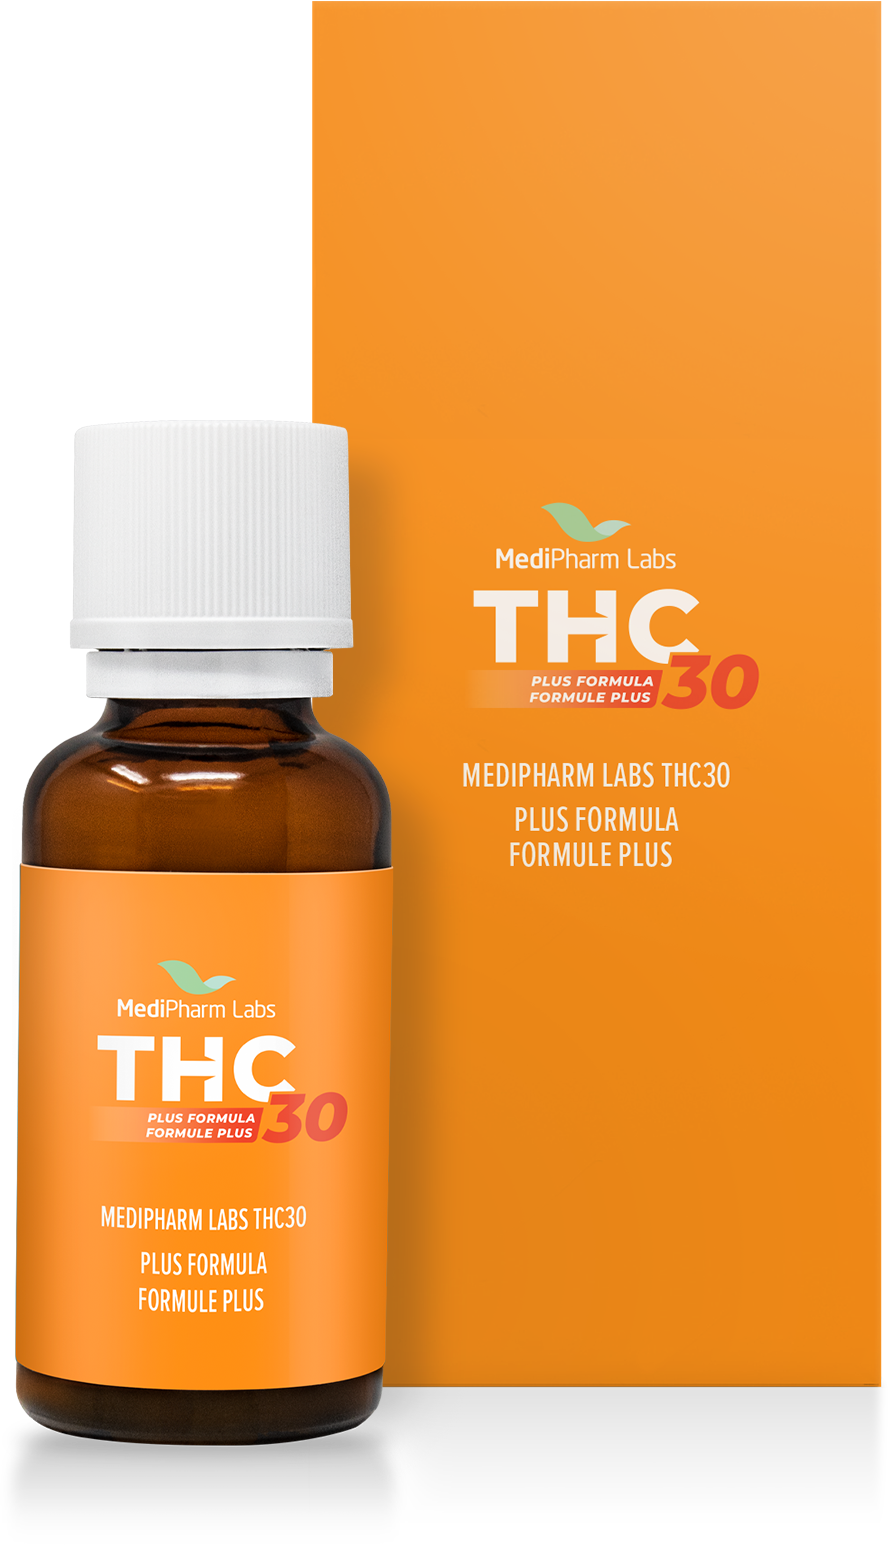 THC30 Plus Formula